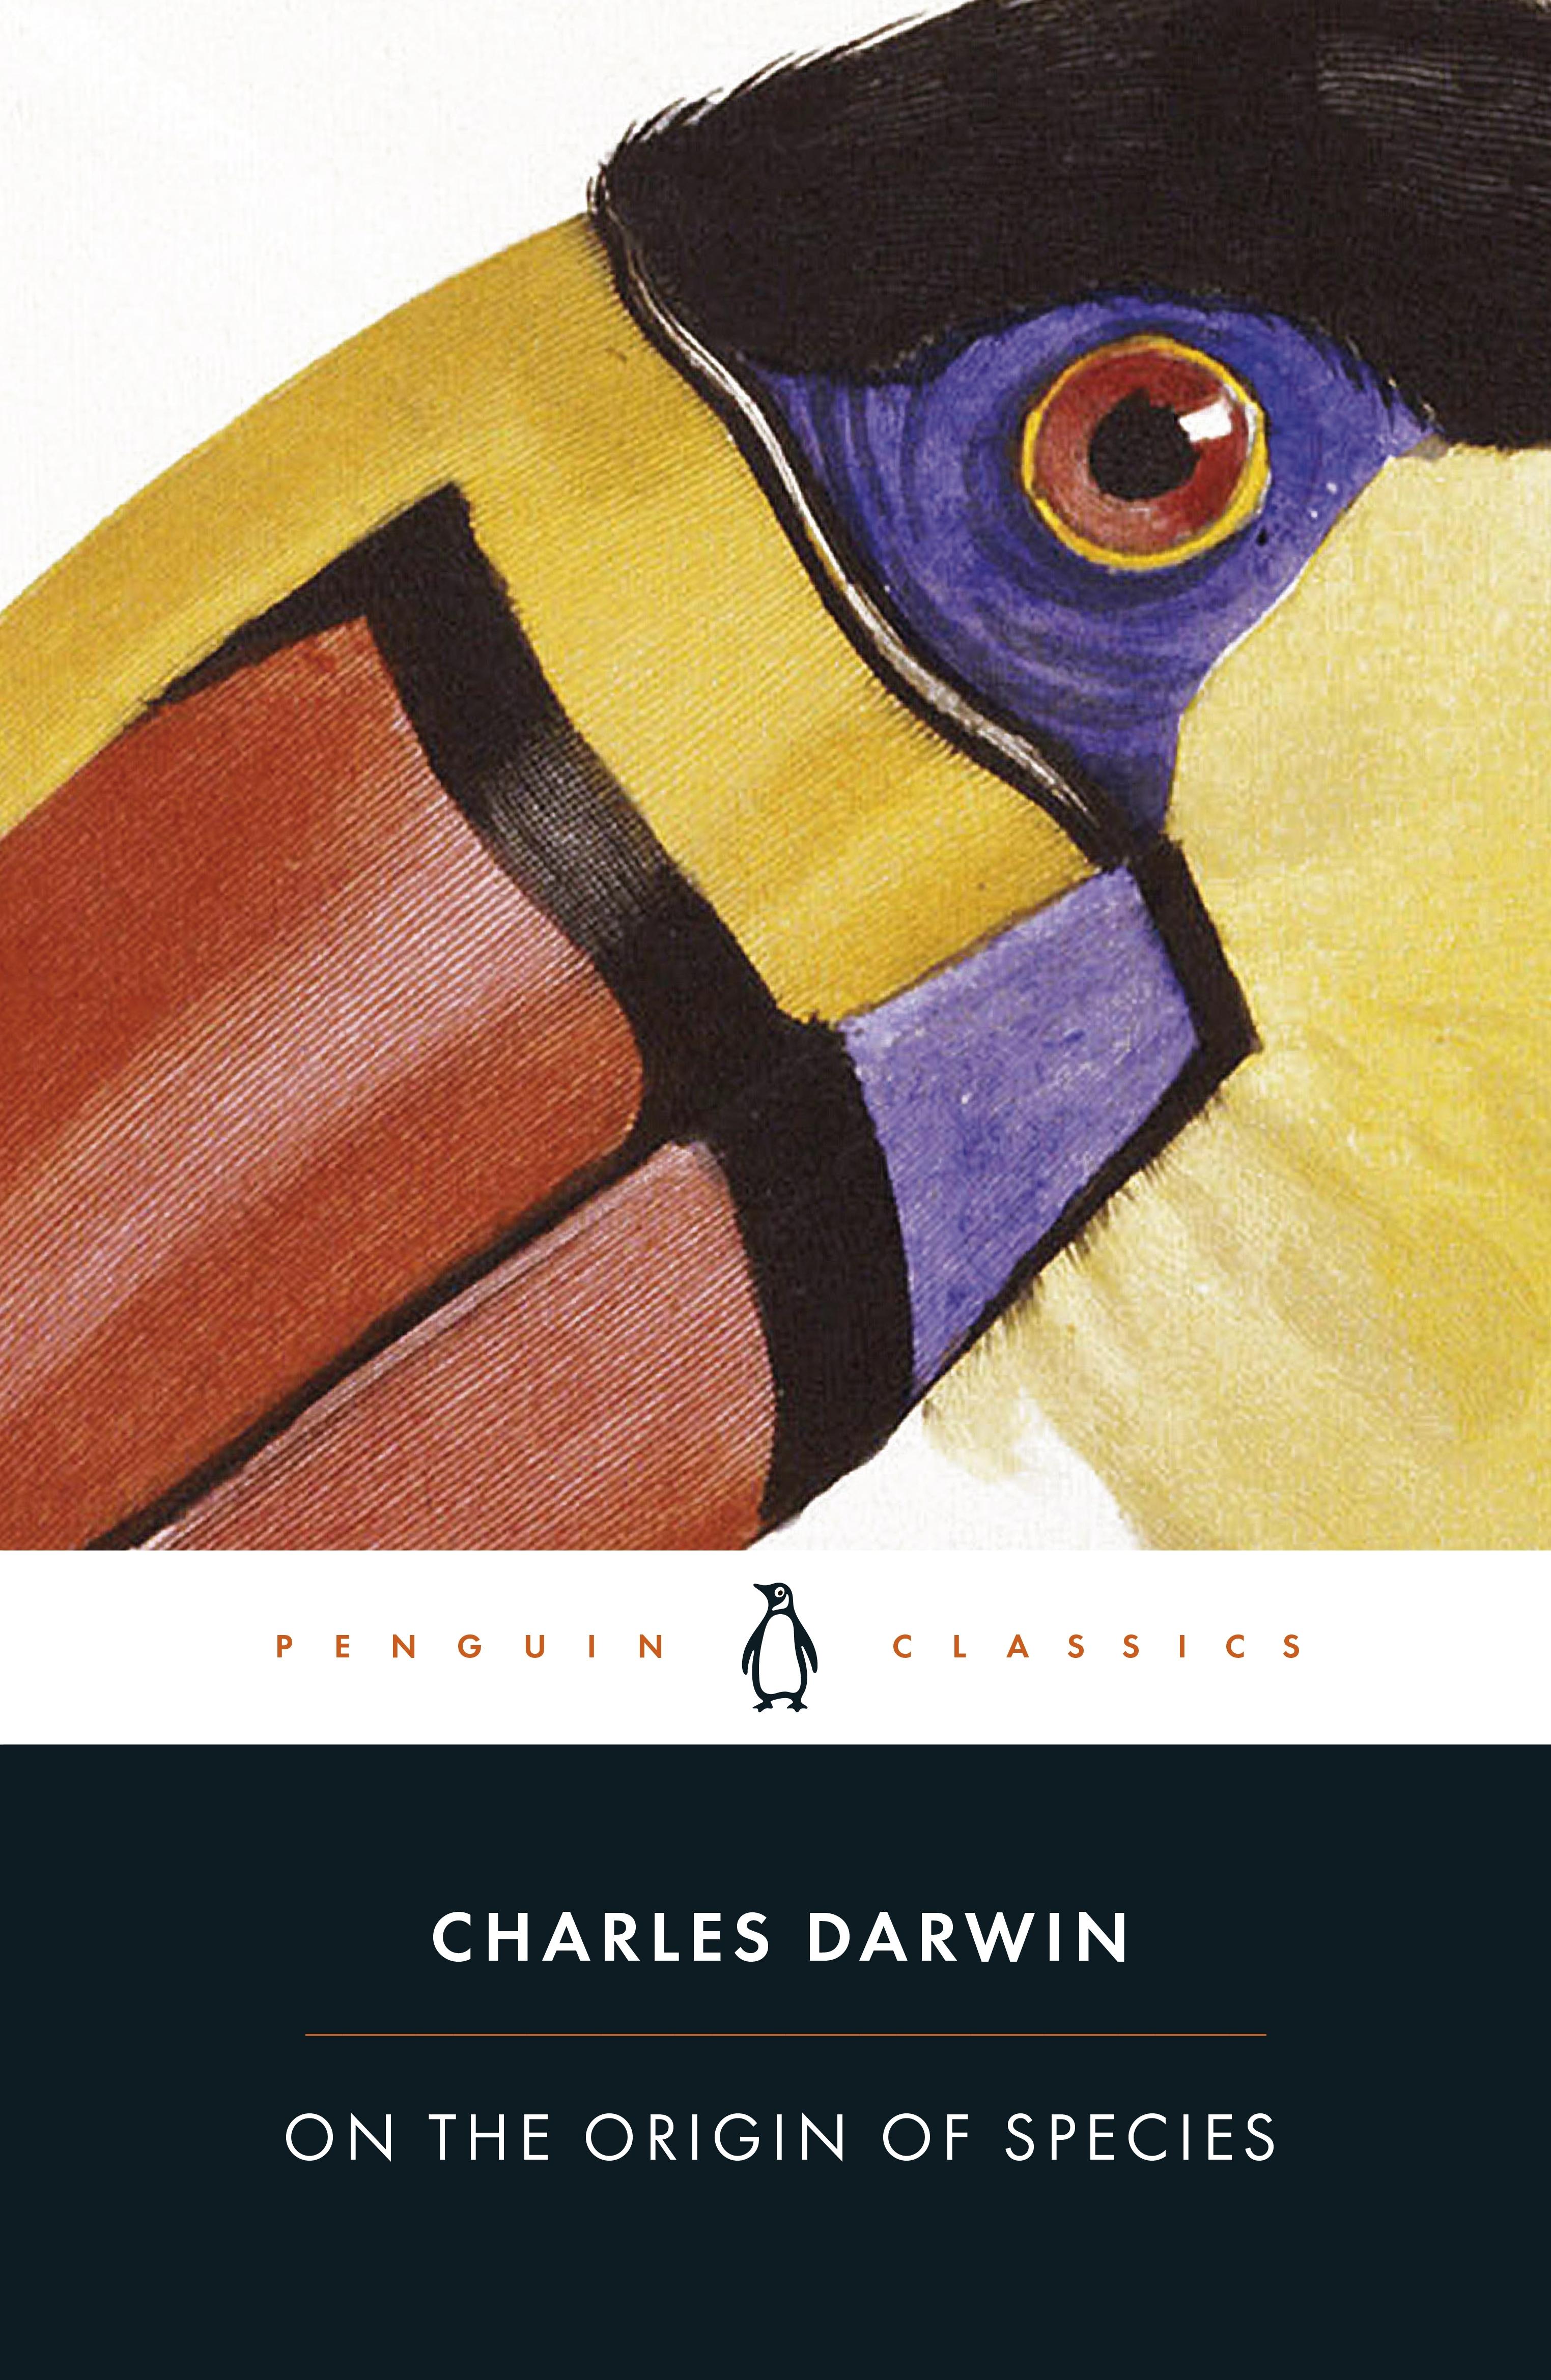 On The Origin Of Species | Penguin Books Australia